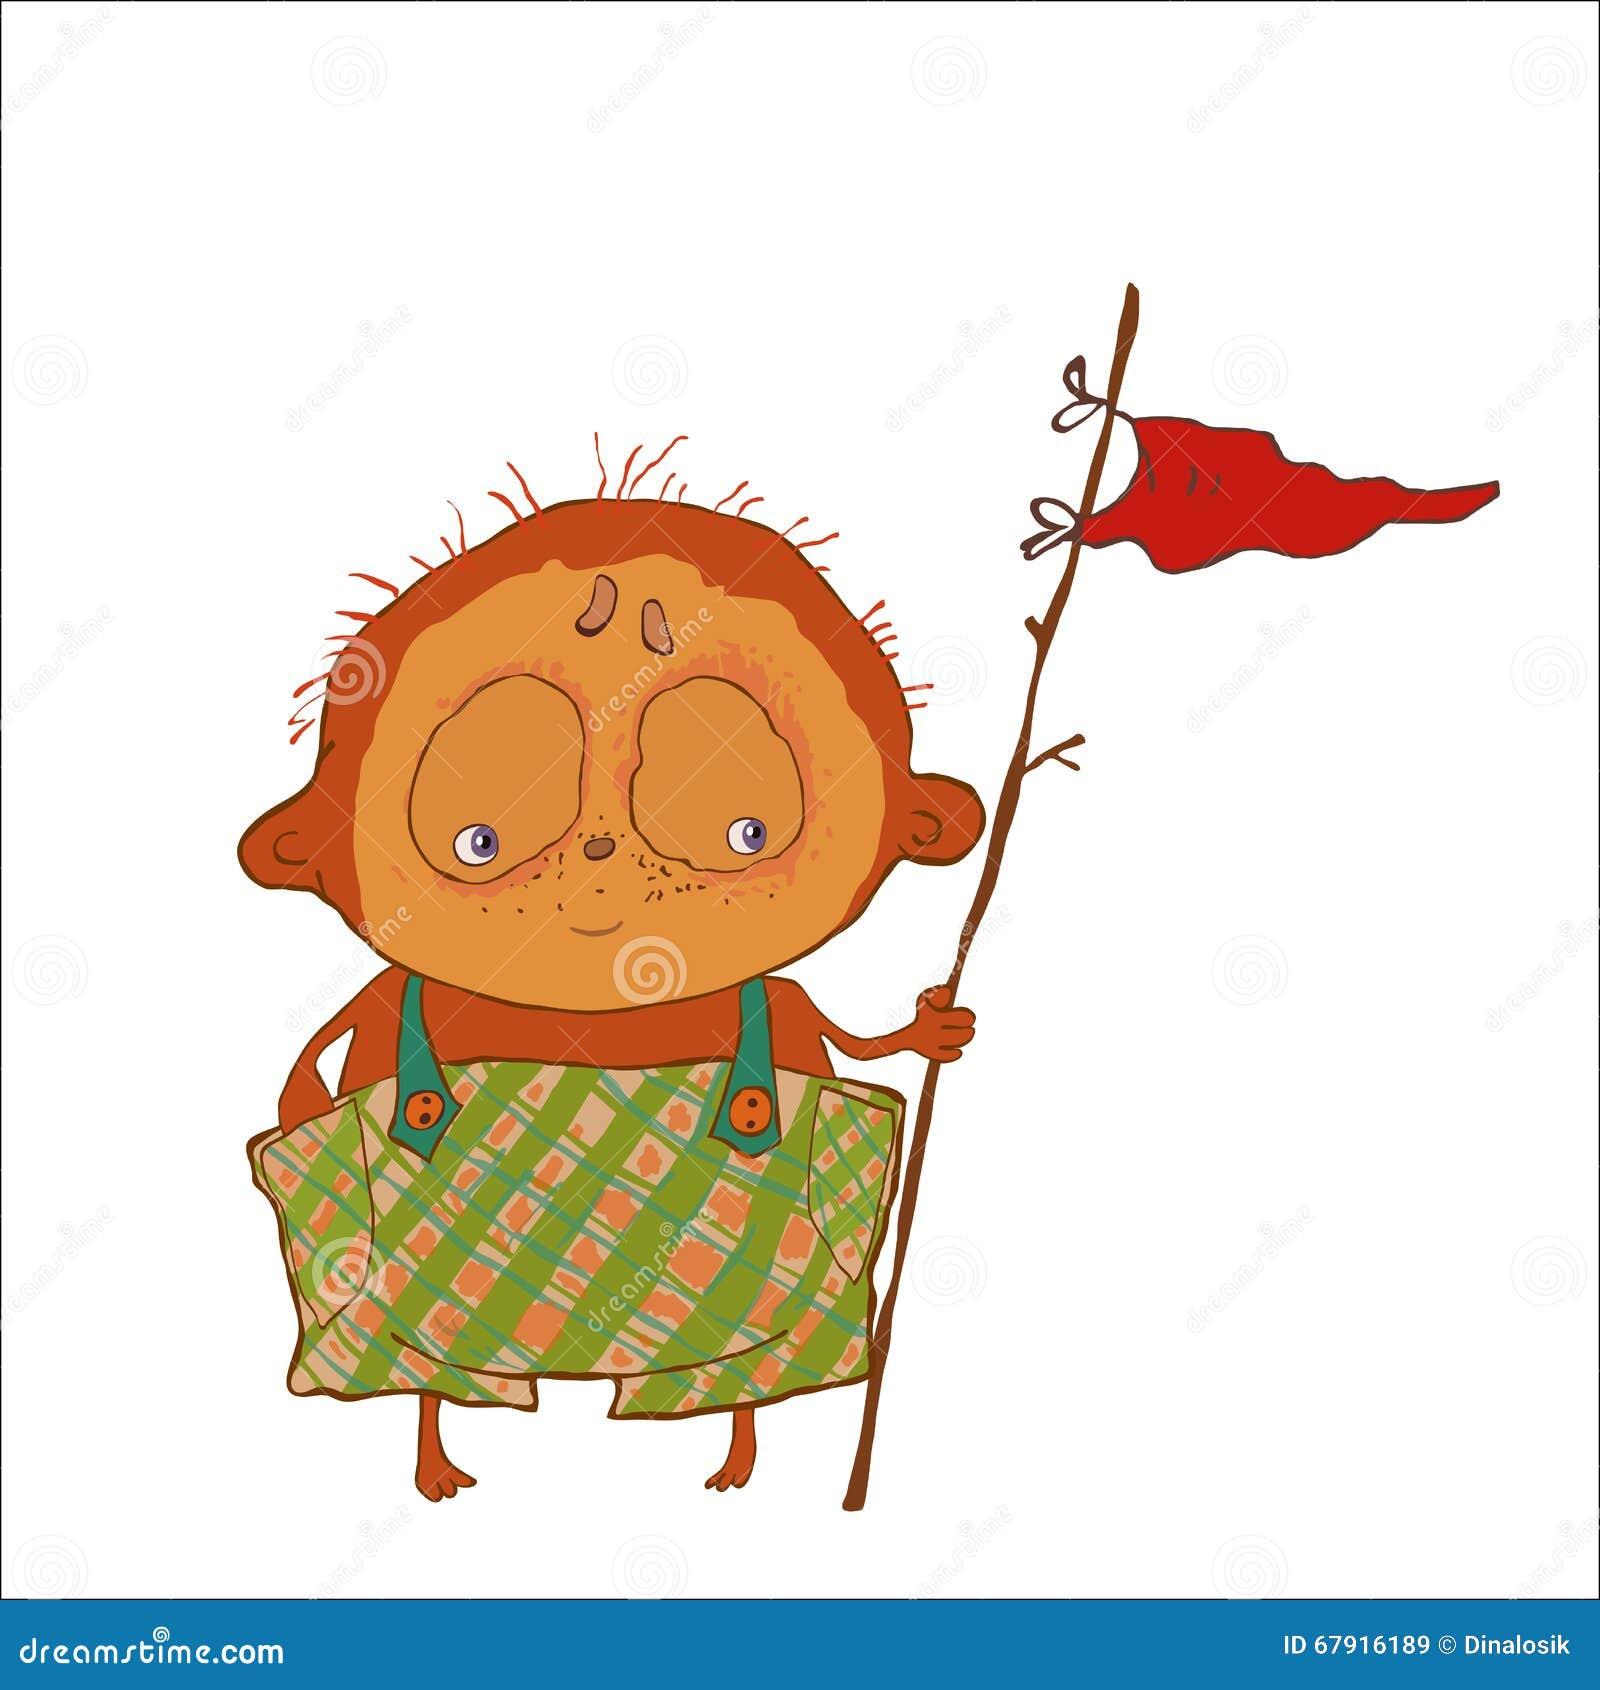 Cartoon Character Design Website : Vector illustration of cartoon little cute fat boy